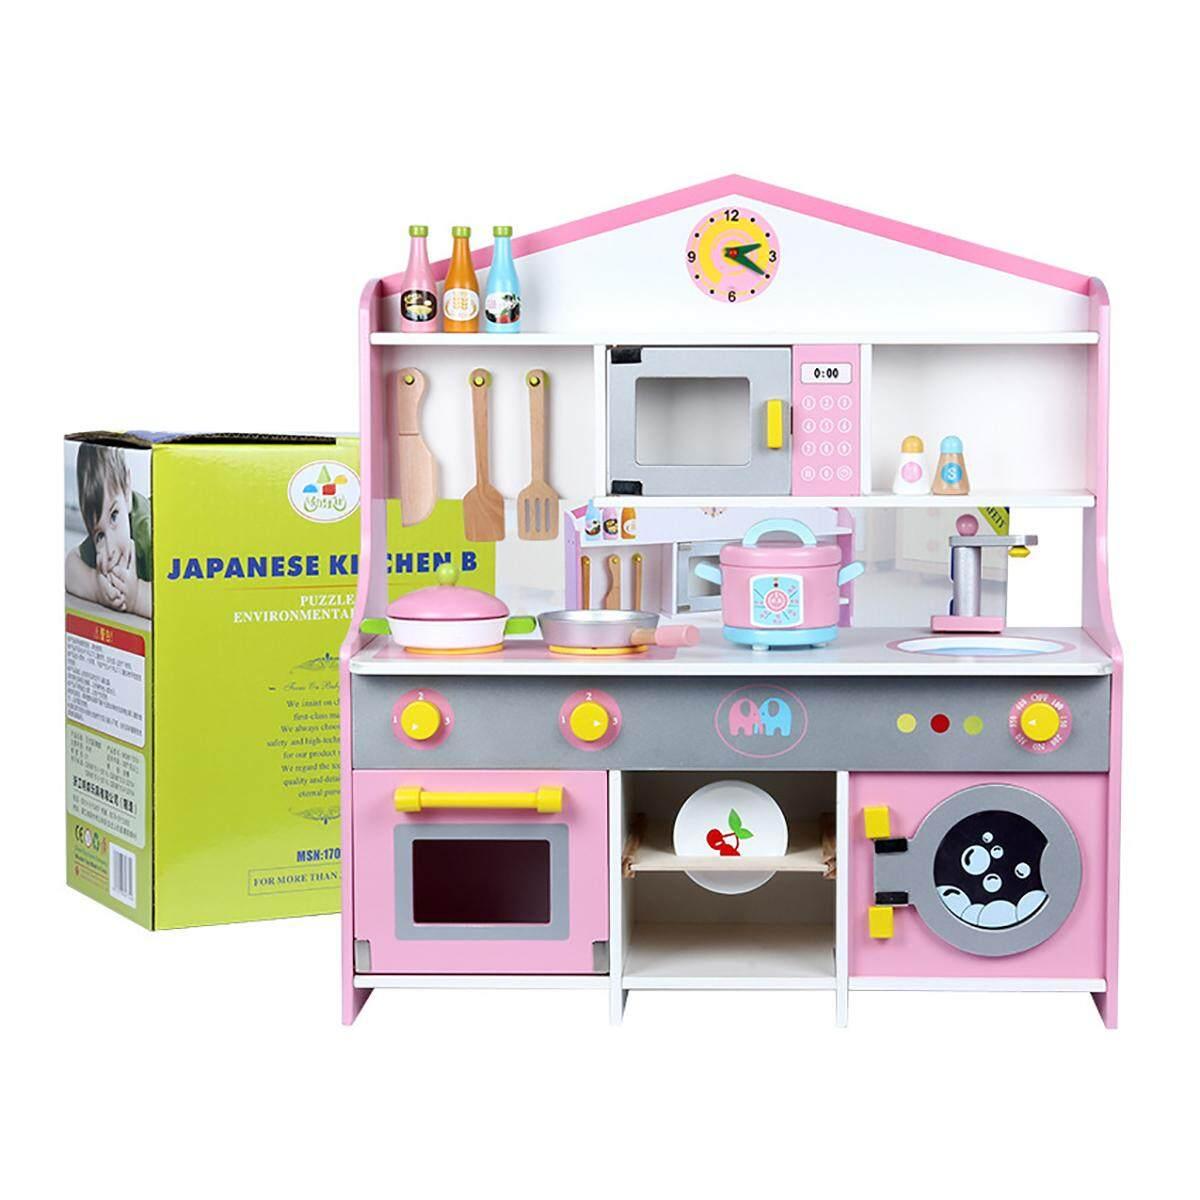 Anak-anak Kayu Dapur Mainan Peralatan Masak Set Mainan Bermain Memasak  Makanan Gadis Hadiah Pink 225aeb4b2e